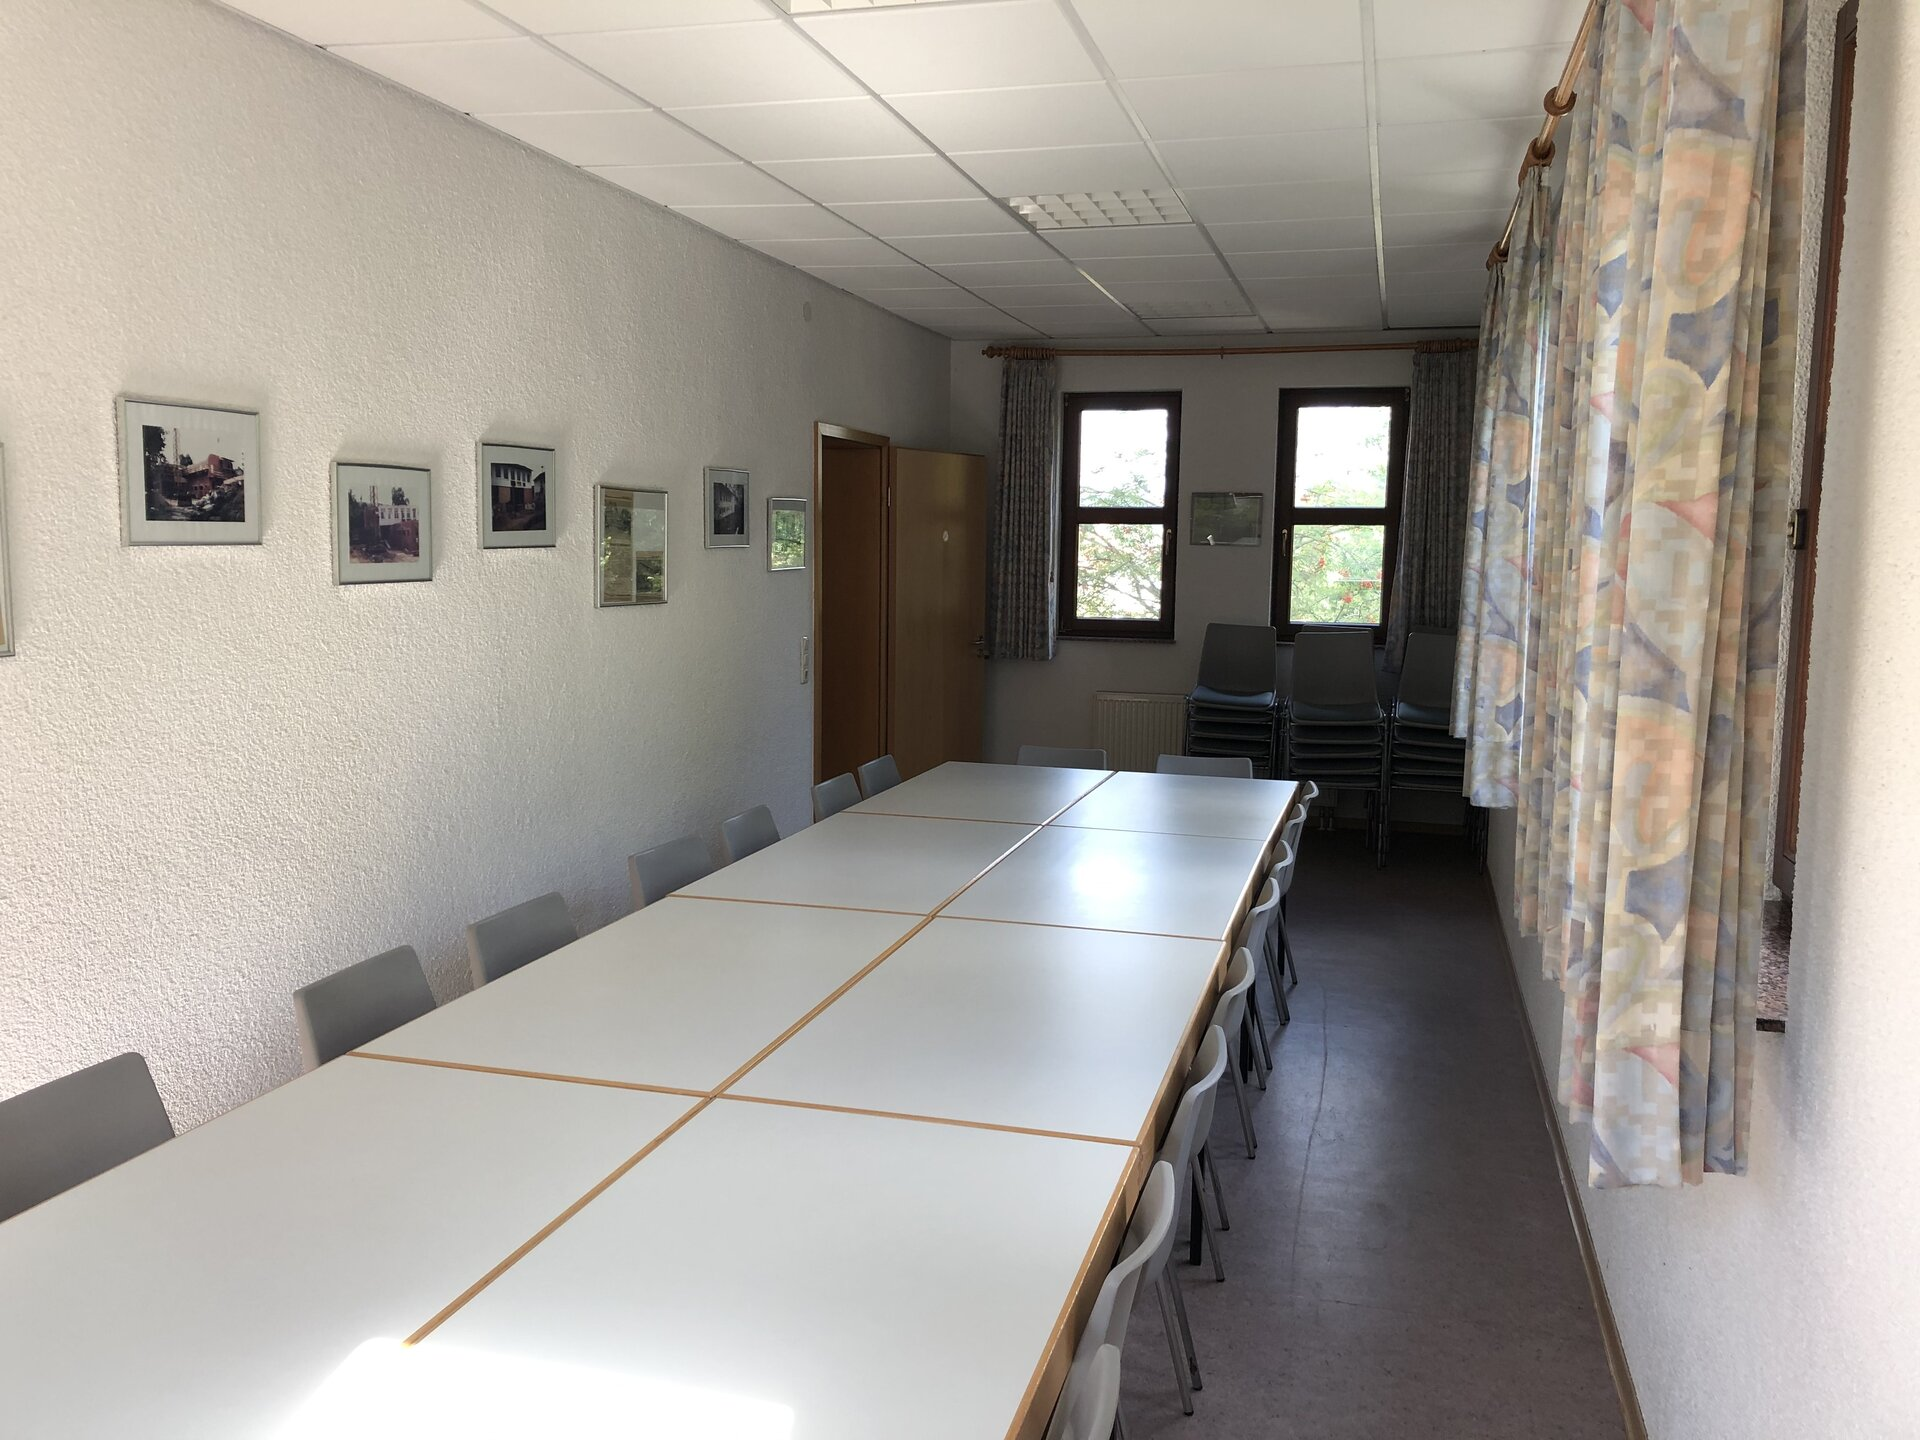 Blick in das Vereinszimmer 2